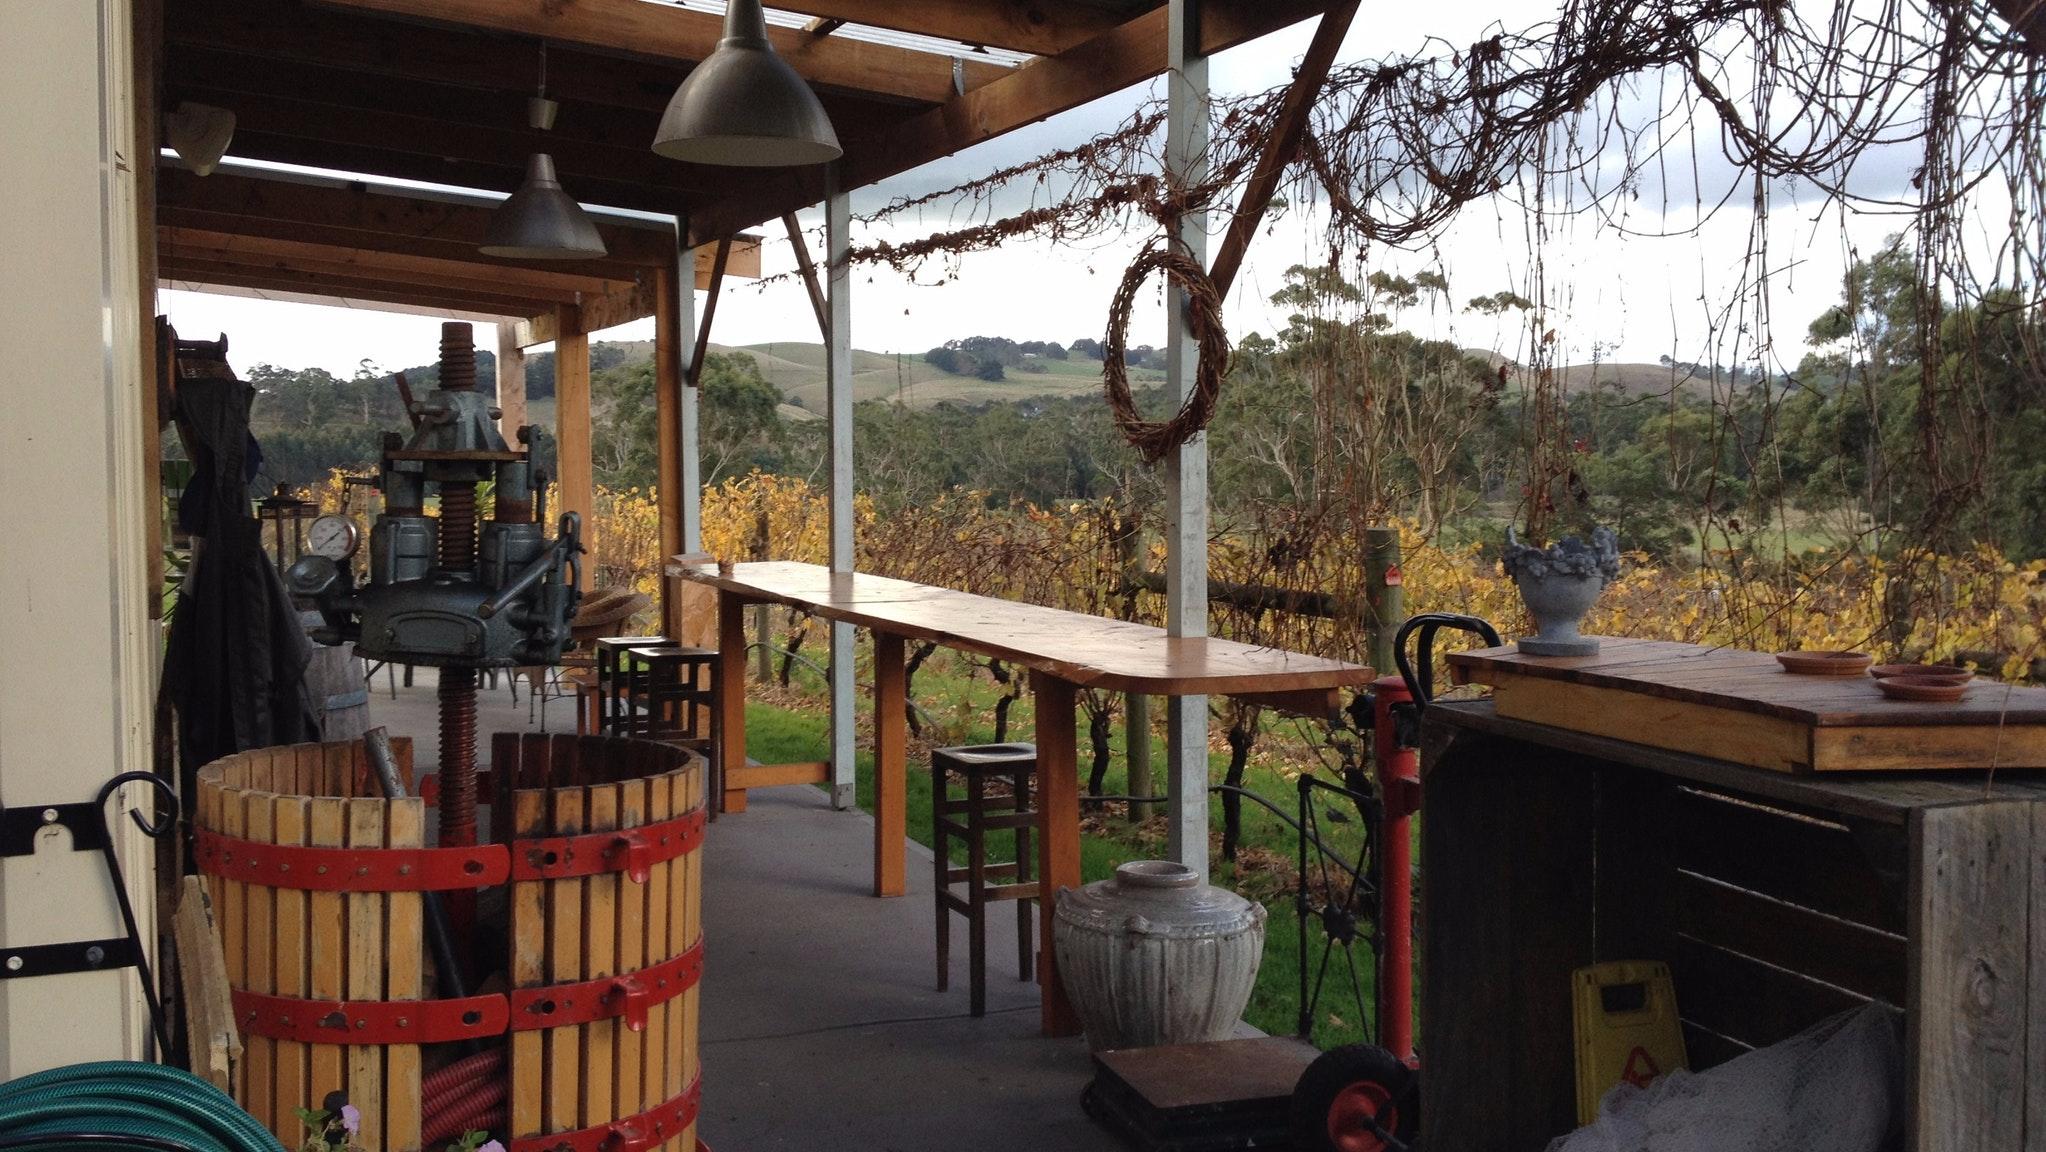 Gippsland Wine Company patio overlooking vineyard